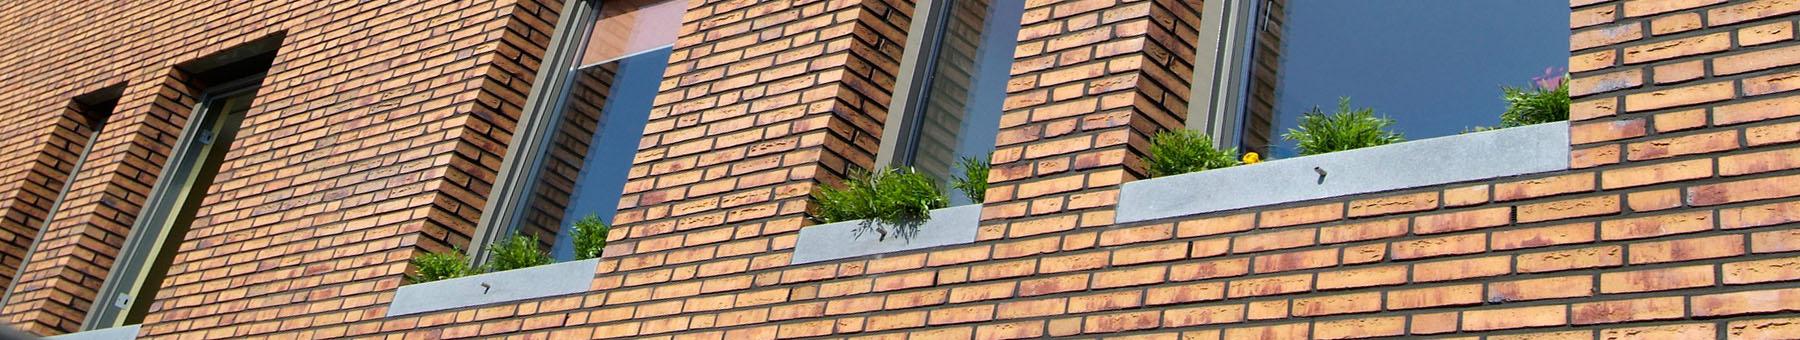 Fensterbänke Aussen